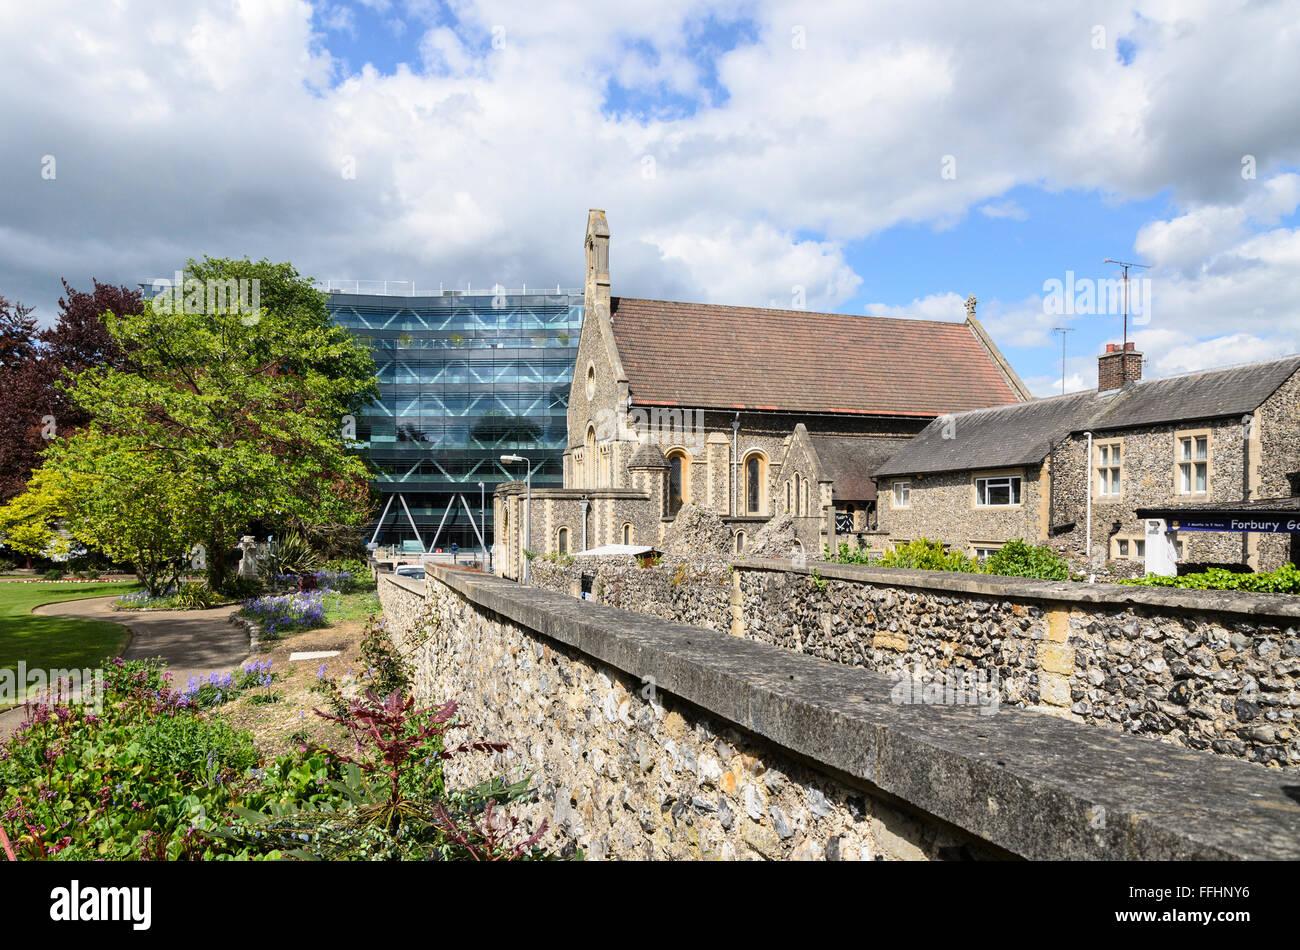 Forbury Gärten, Reading Abbey Ruinen und St James römisch-katholische Kirche, Reading, Berkshire, England, UK. Stockfoto